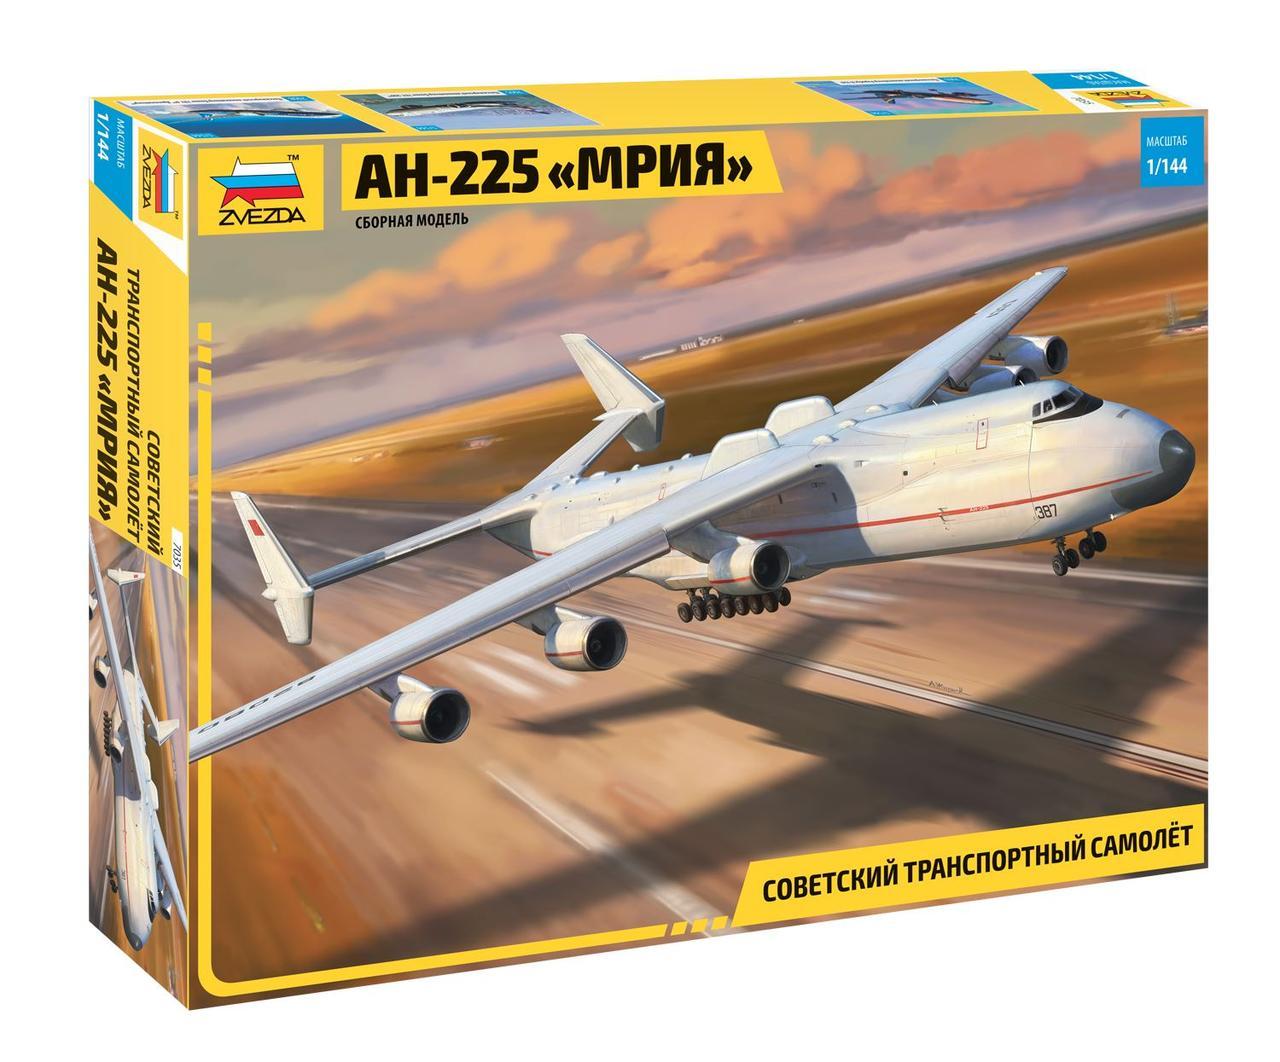 АН-225 Мрия. Сборная модель самолета. 1/144 ZVEZDA 7035